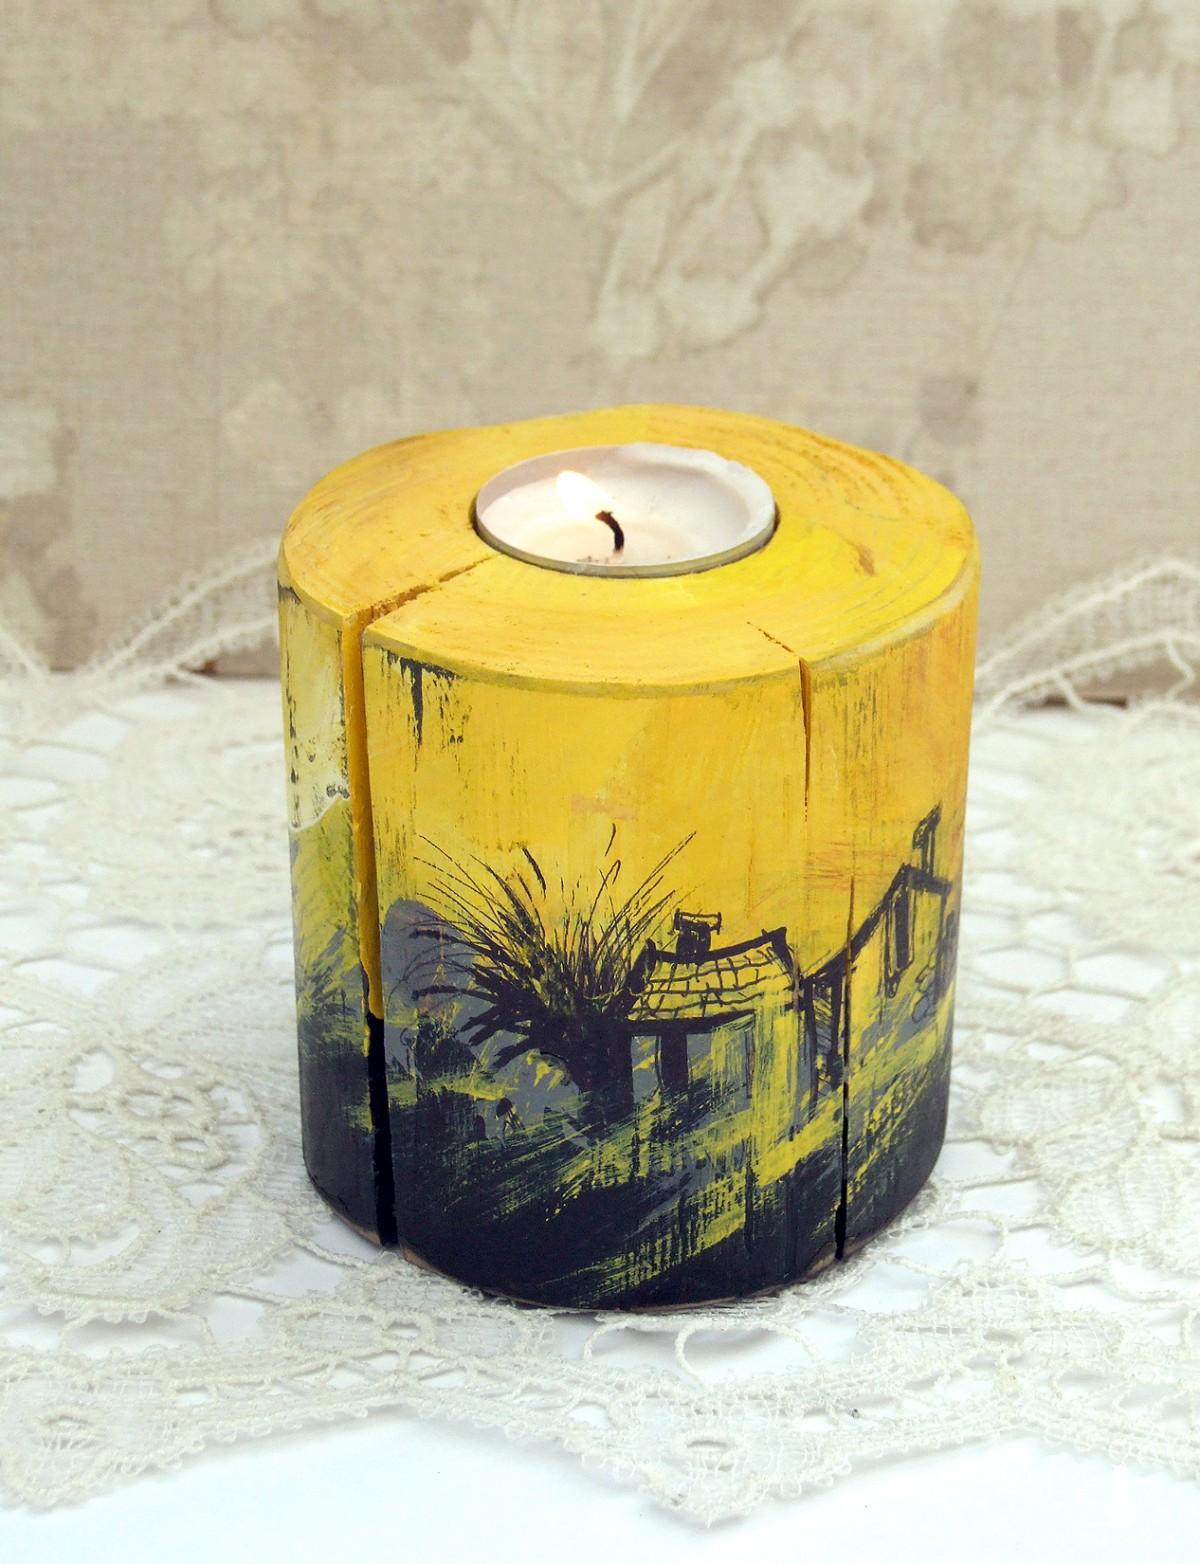 Drewniany świecznik, żółto-czarny, okrągły